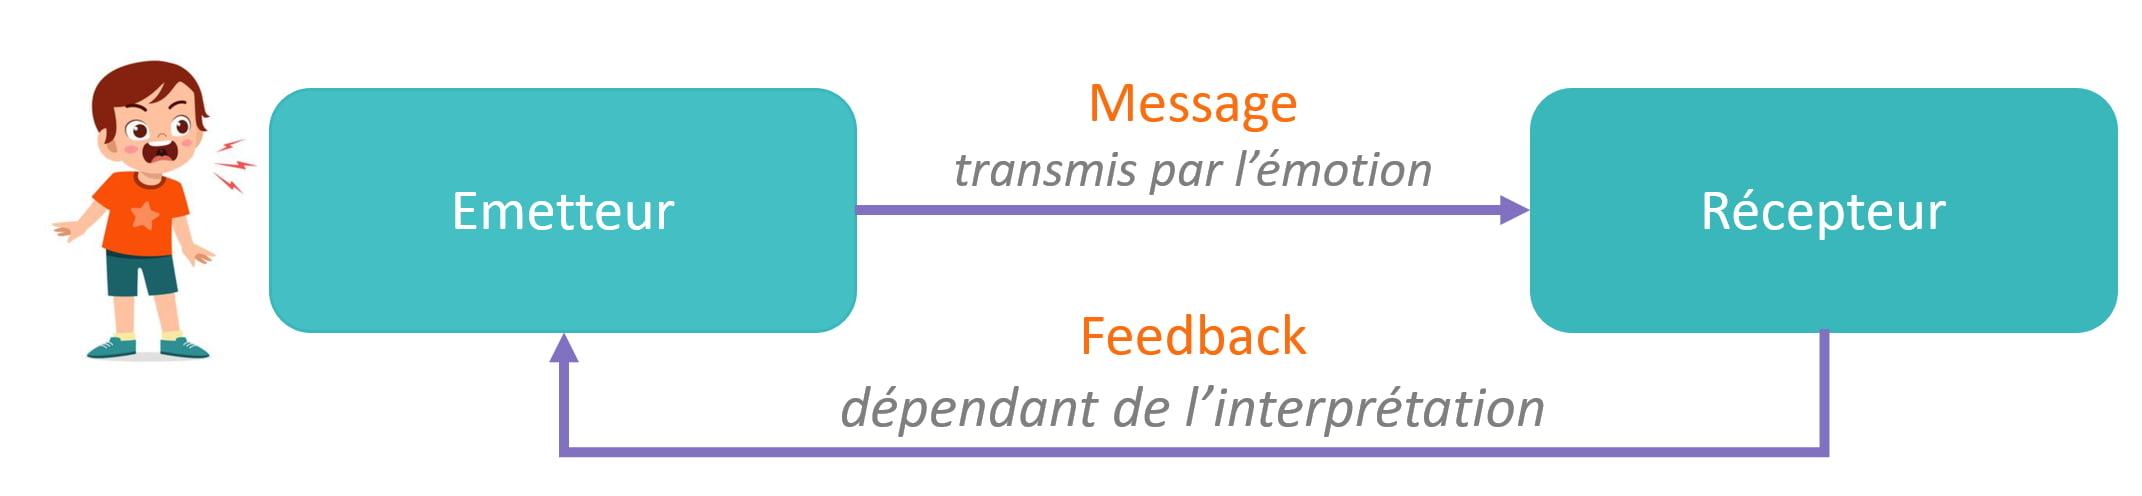 Schema Communication Emotions 1